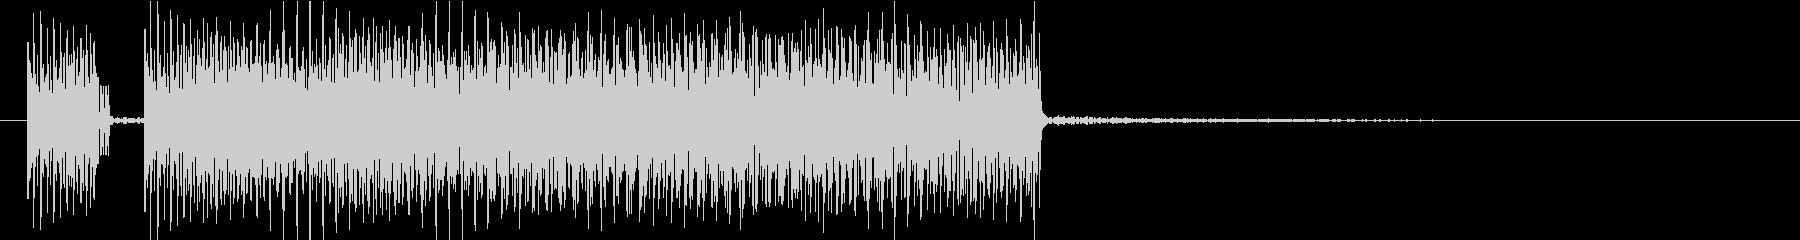 8ビット チップチューン ジャジの未再生の波形